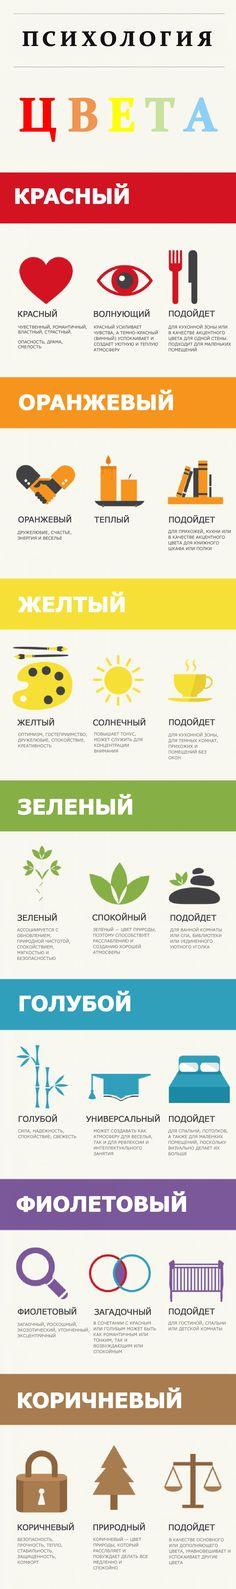 Инфографика о дизайне интерьера. Психология цвета